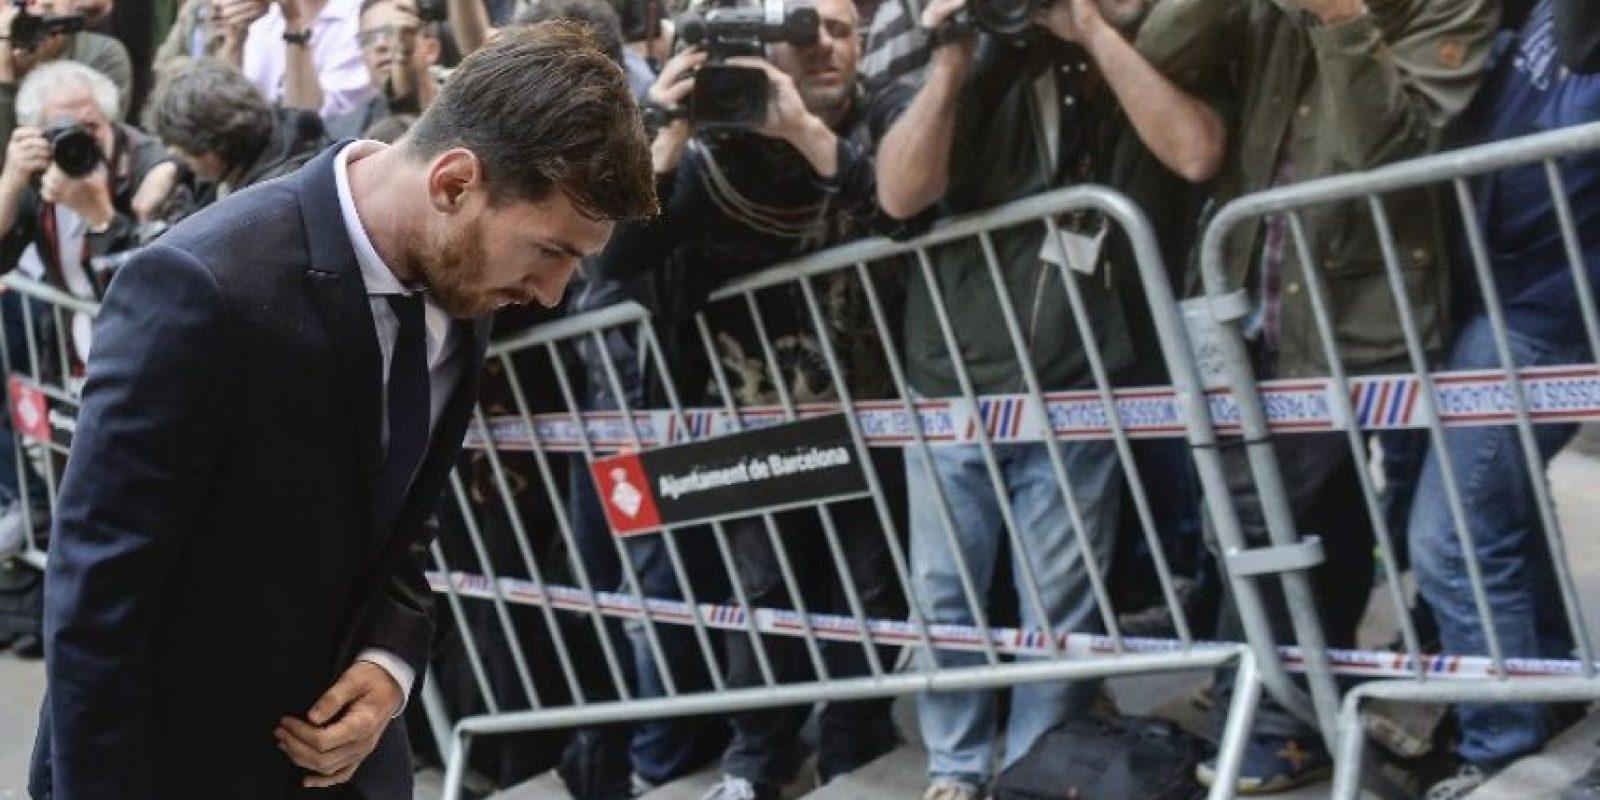 Los abogados defensores apelarán a la condena contra Lionel Messi y su padre Foto:AFP. Imagen Por: